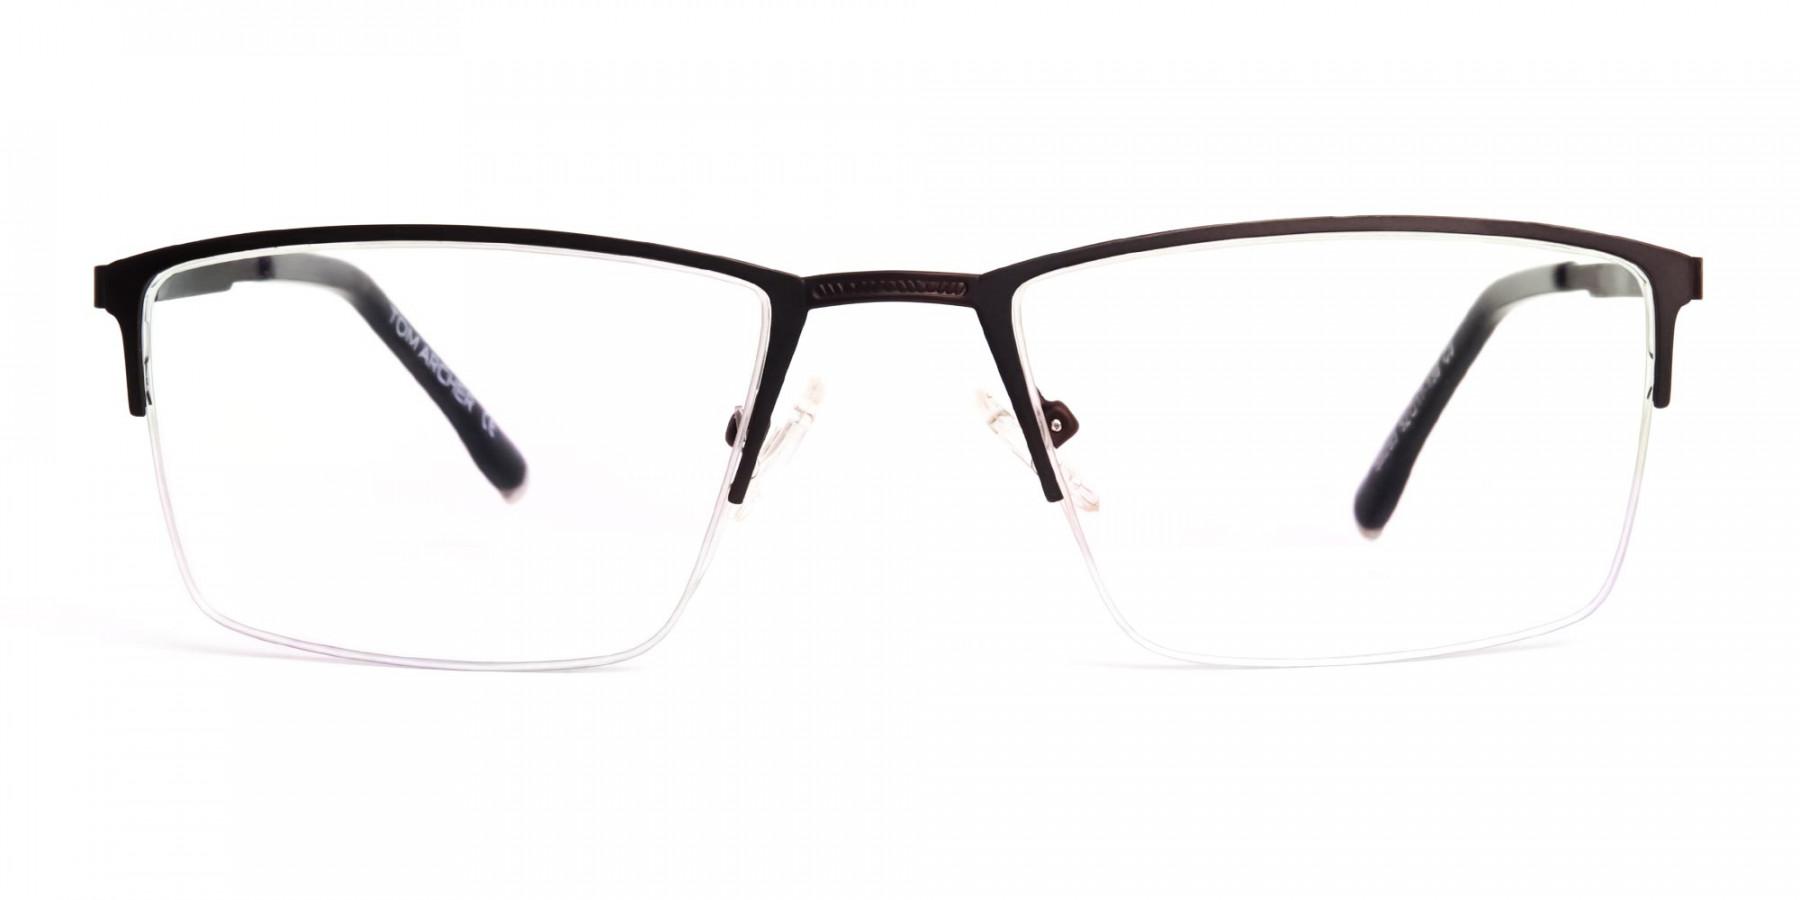 black-rectangular-half-rim-glasses-frames-1